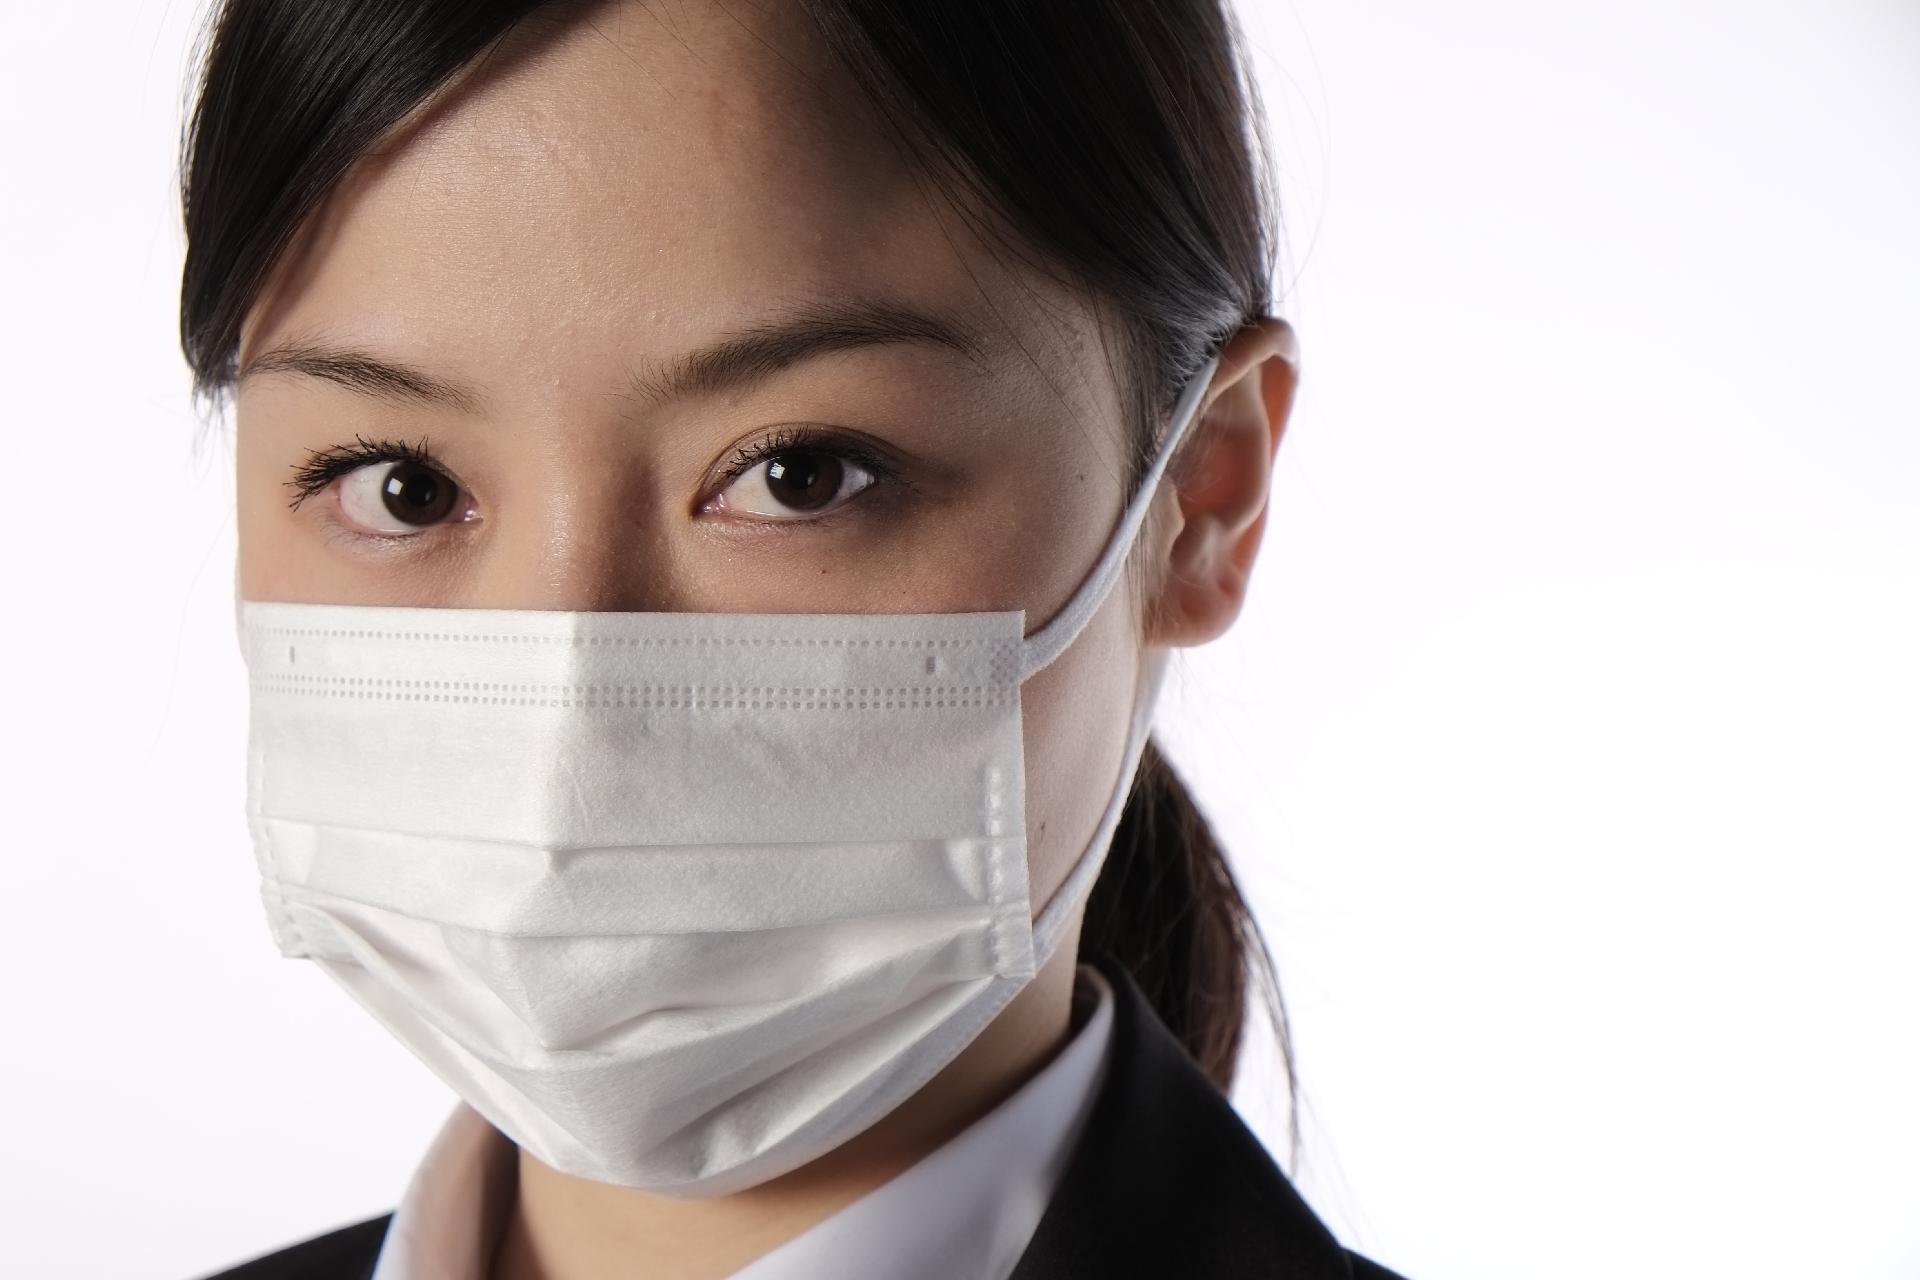 今こそ知ろう!PM2.5とは?いつから注意すべき?吸い過ぎるとどんな影響がある?しっかり防ぐ対策方法とは